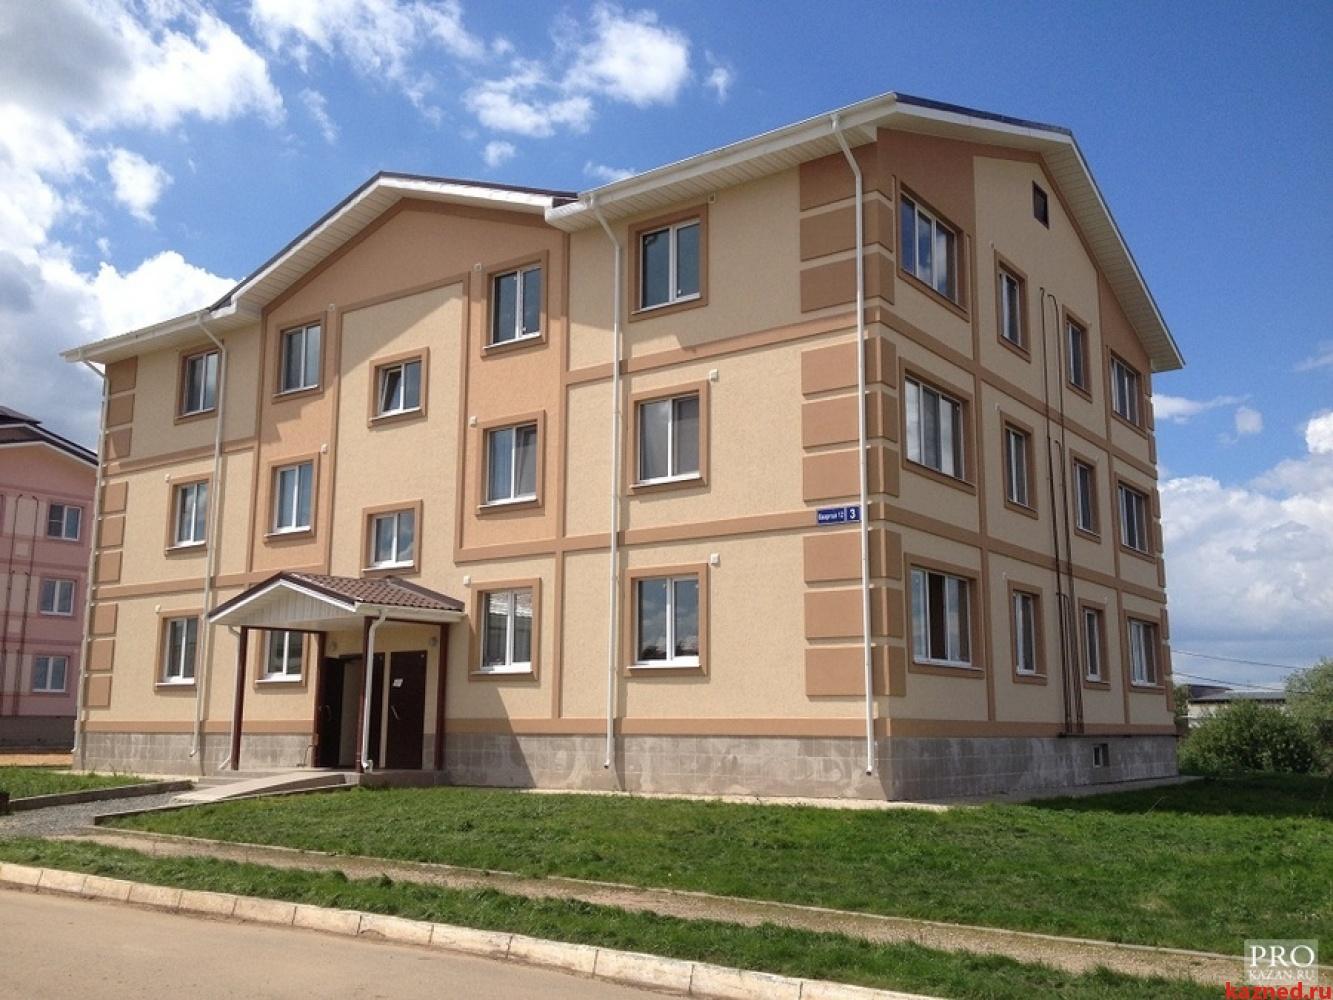 Продажа 2-к квартиры Центральная, 62 м² (миниатюра №2)